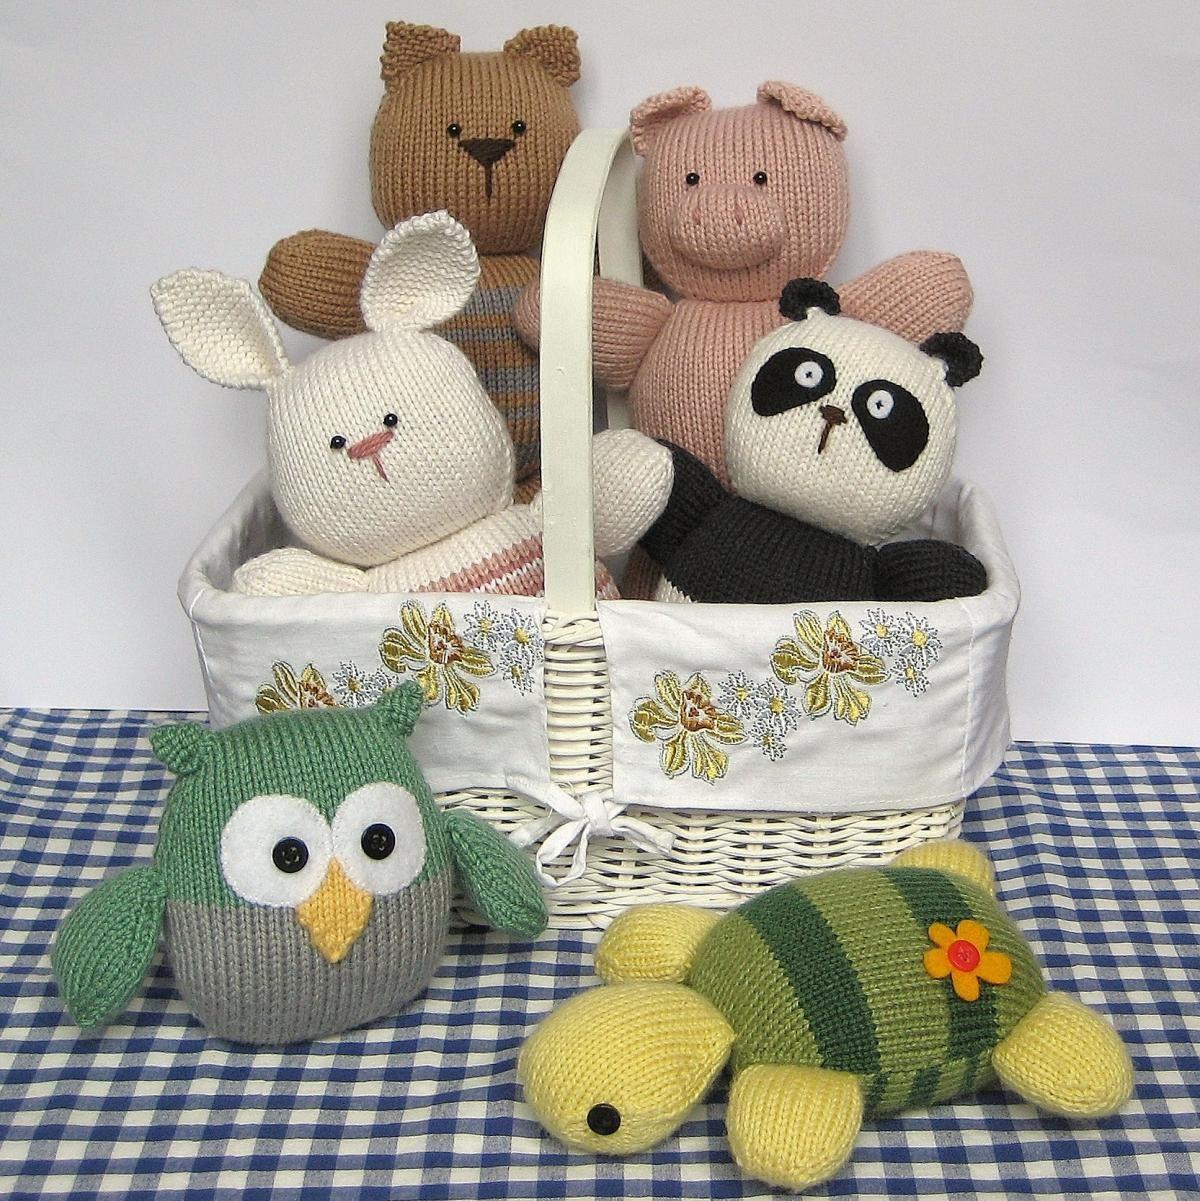 Six toy animal knitting patterns - rabbit, cat, panda, turtle, pig ...